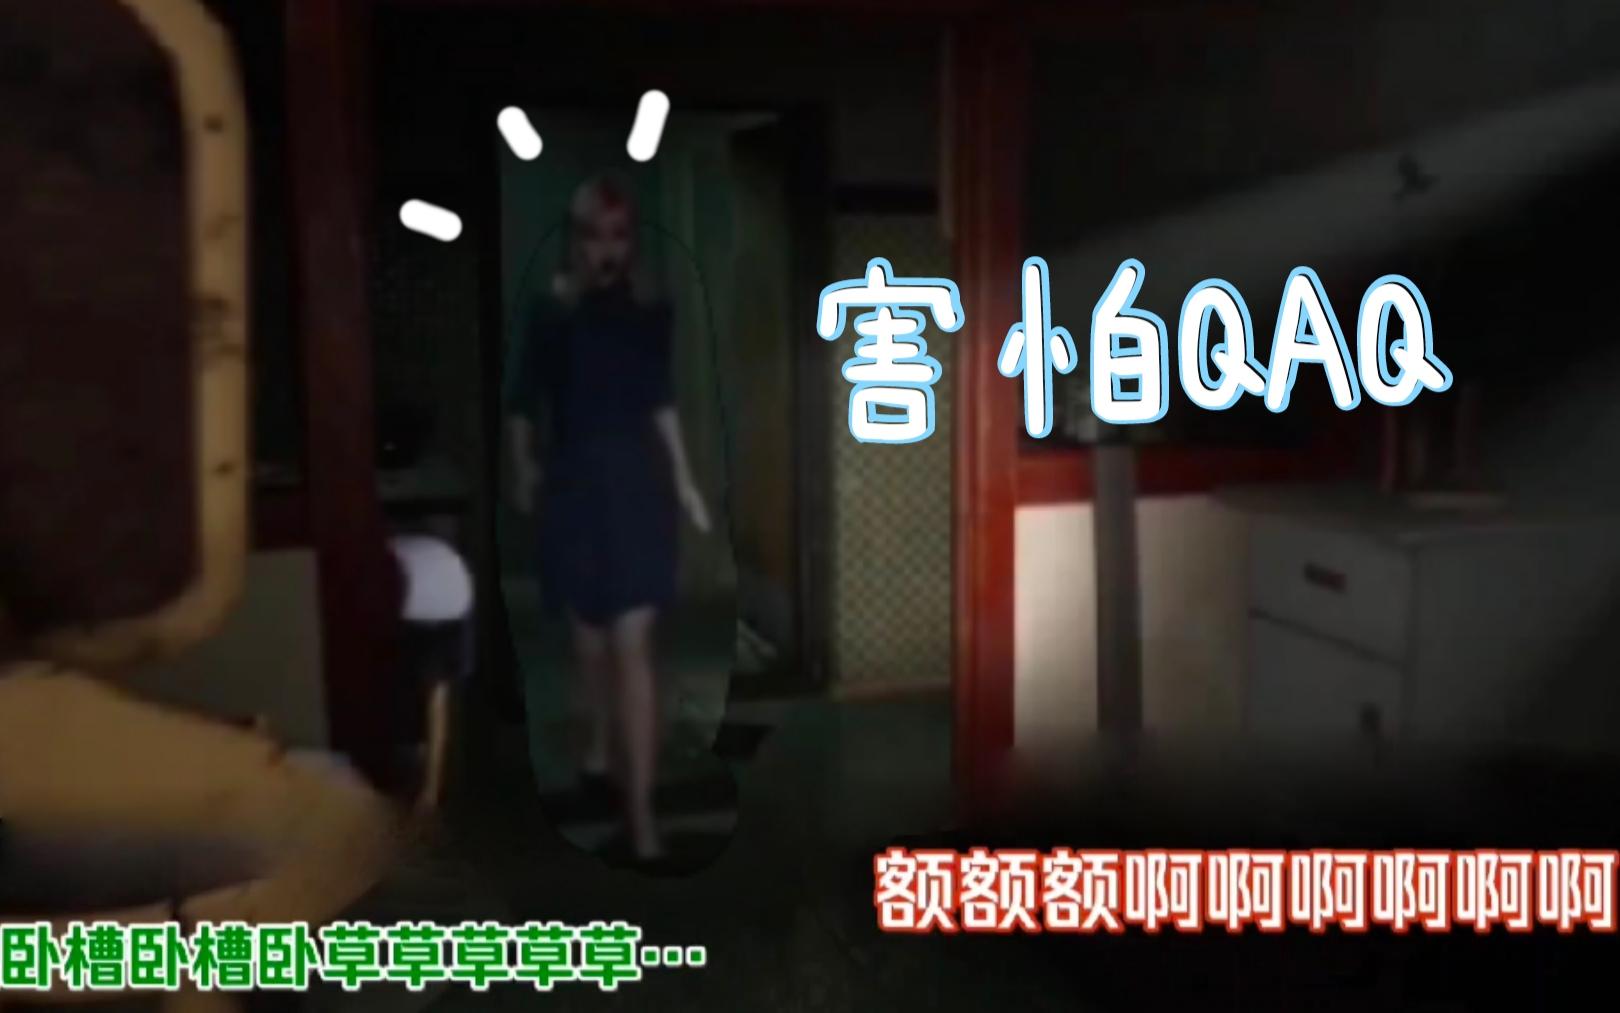 和表妹一起玩《港诡实录》!| 02.25直播录屏【茶堇】